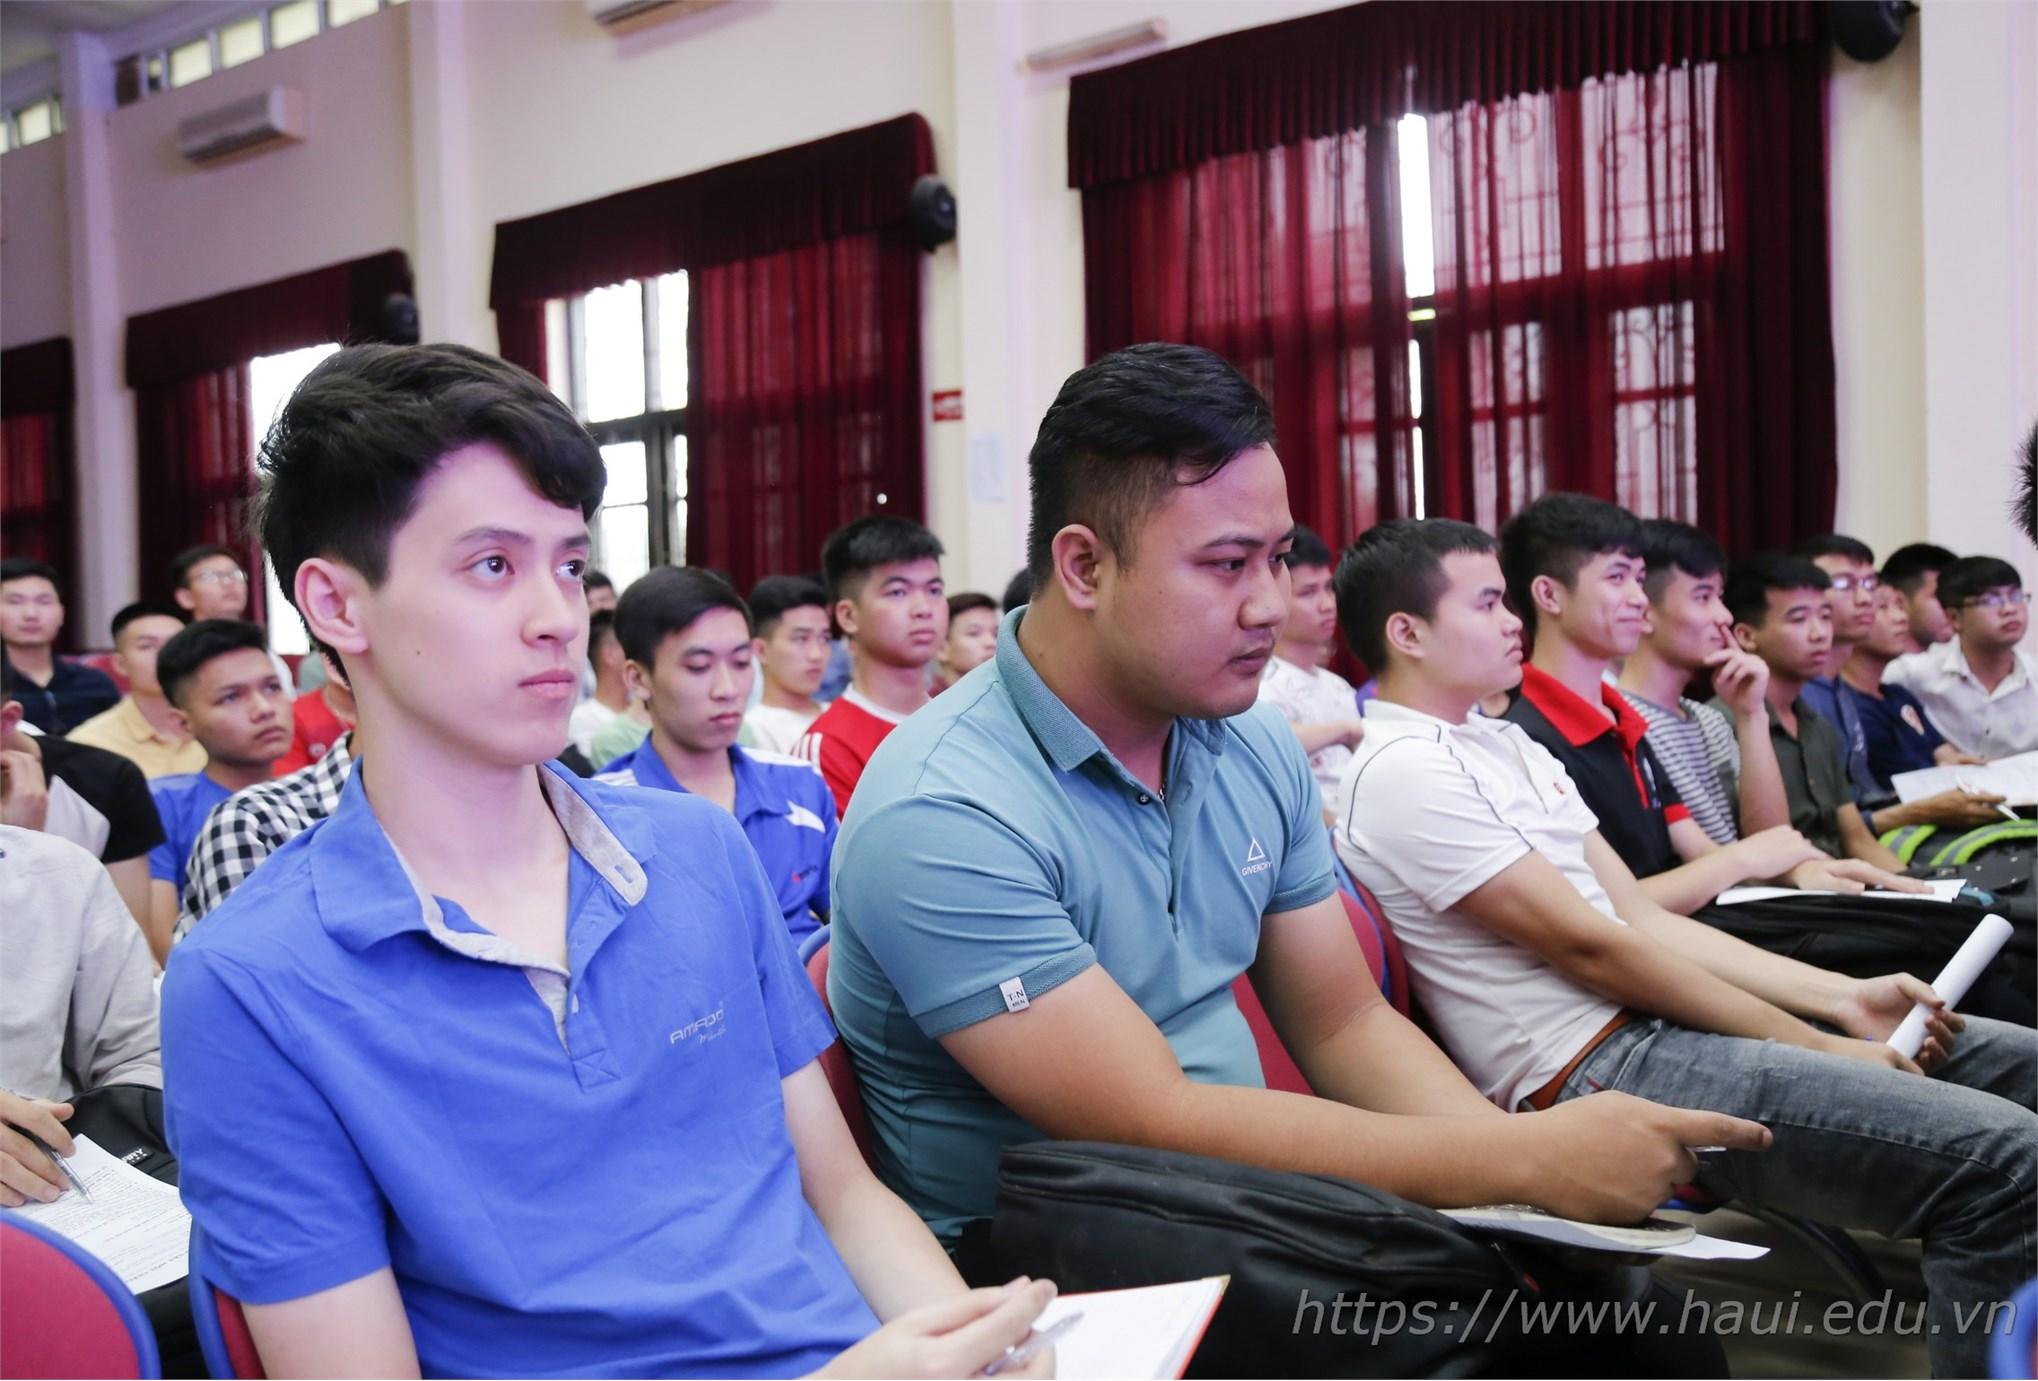 Hàng trăm bạn sinh viên khoa Cơ khí tham gia tìm kiếm cơ hội tại Hội thảo. Theo đó, sinh viên tham gia chương trình có cơ hội thực tập tại doanh nghiệp tại Nhật Bản.